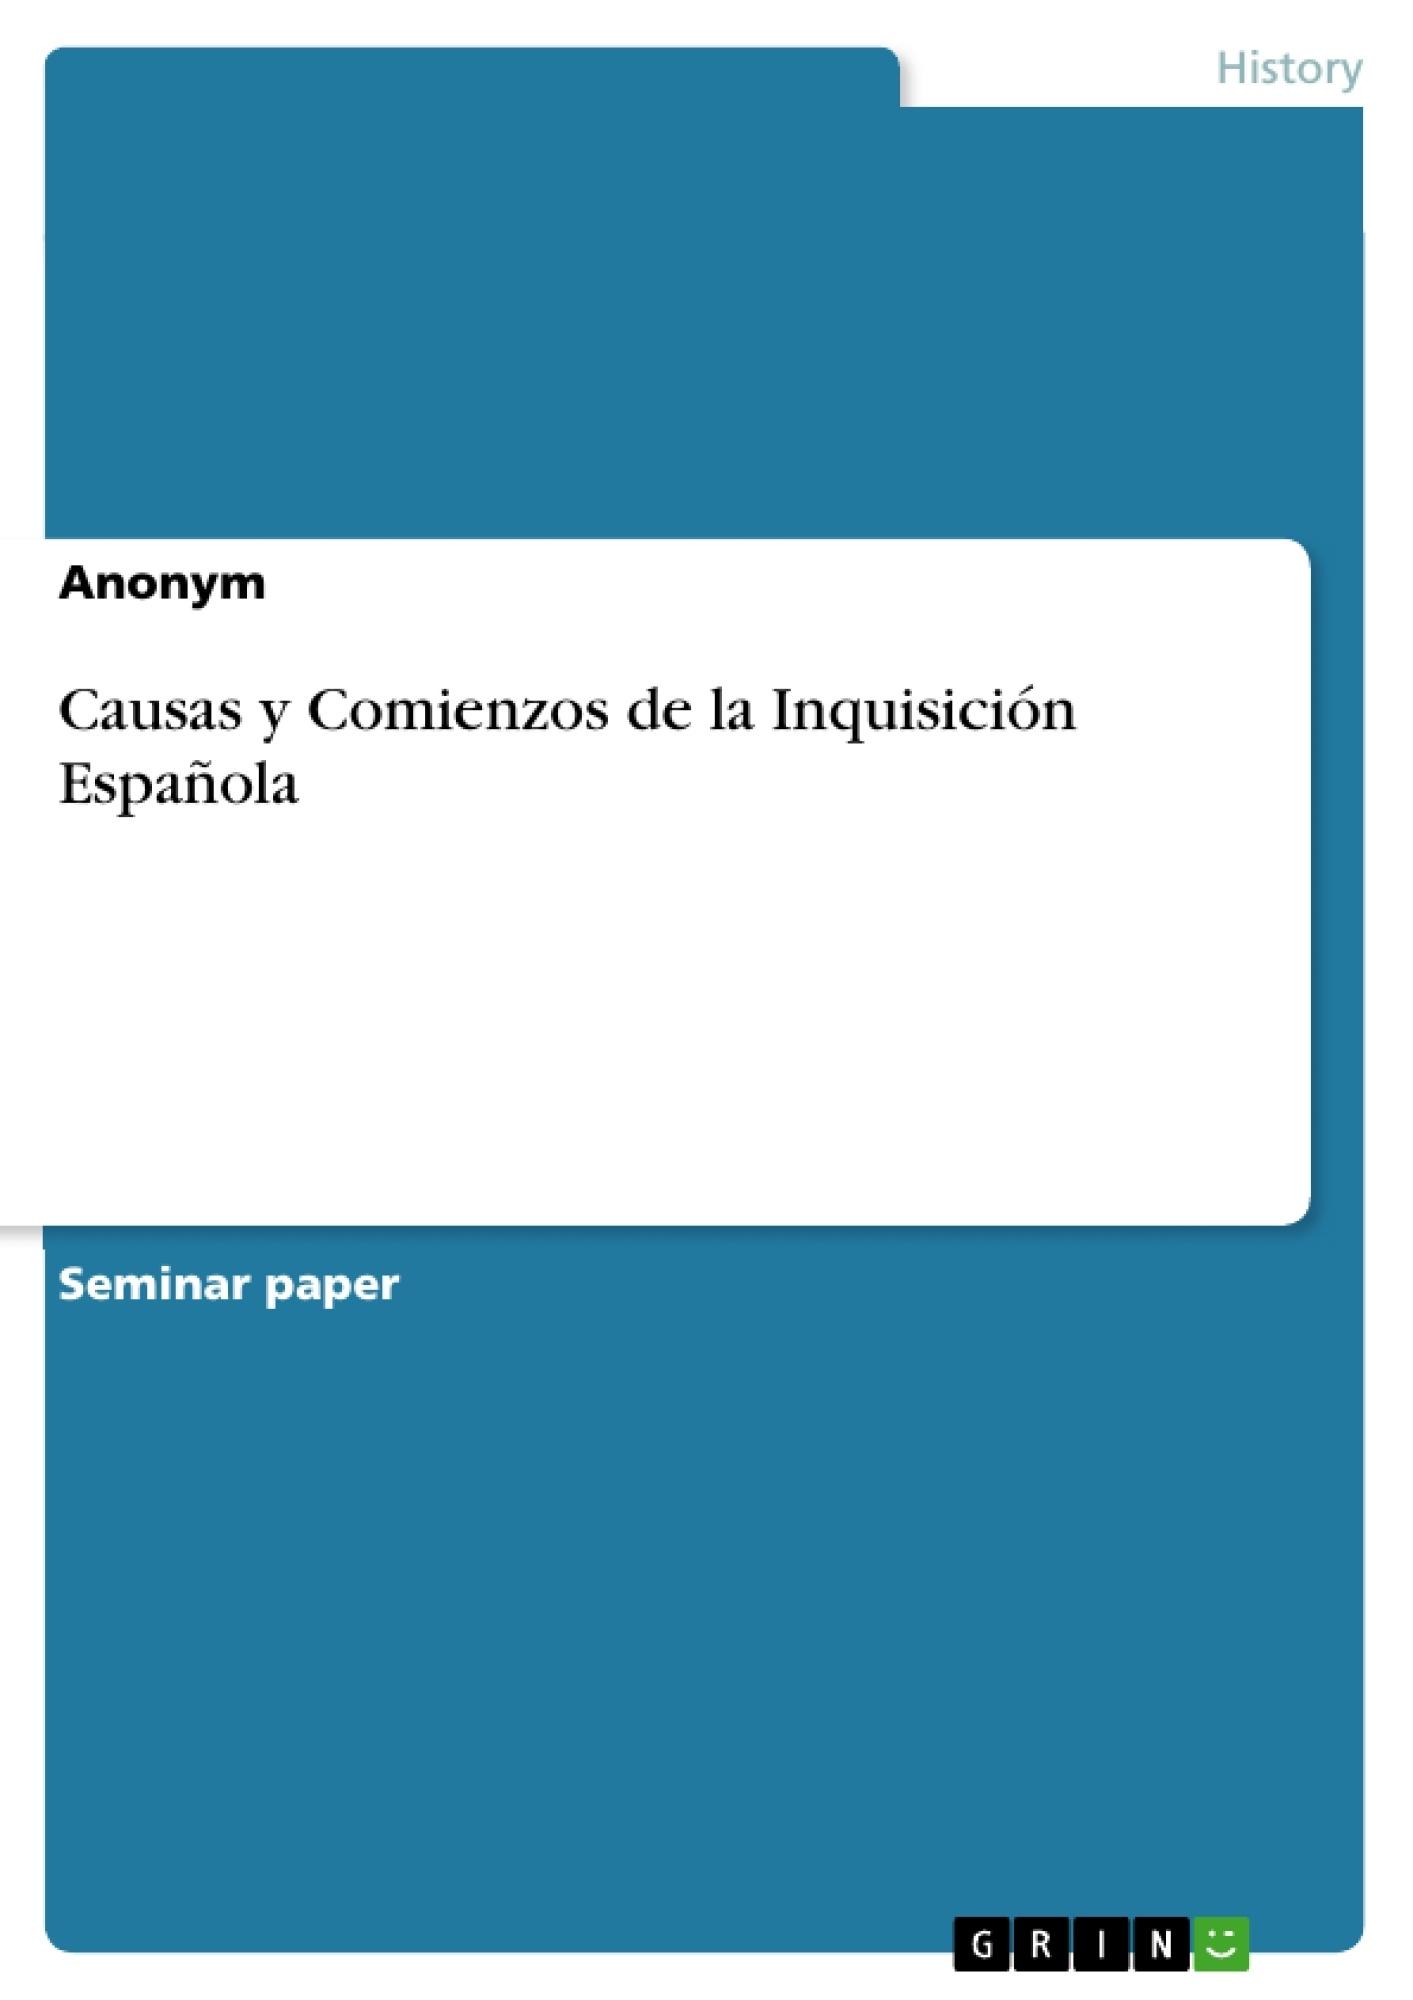 Título: Causas y Comienzos de la Inquisición Española